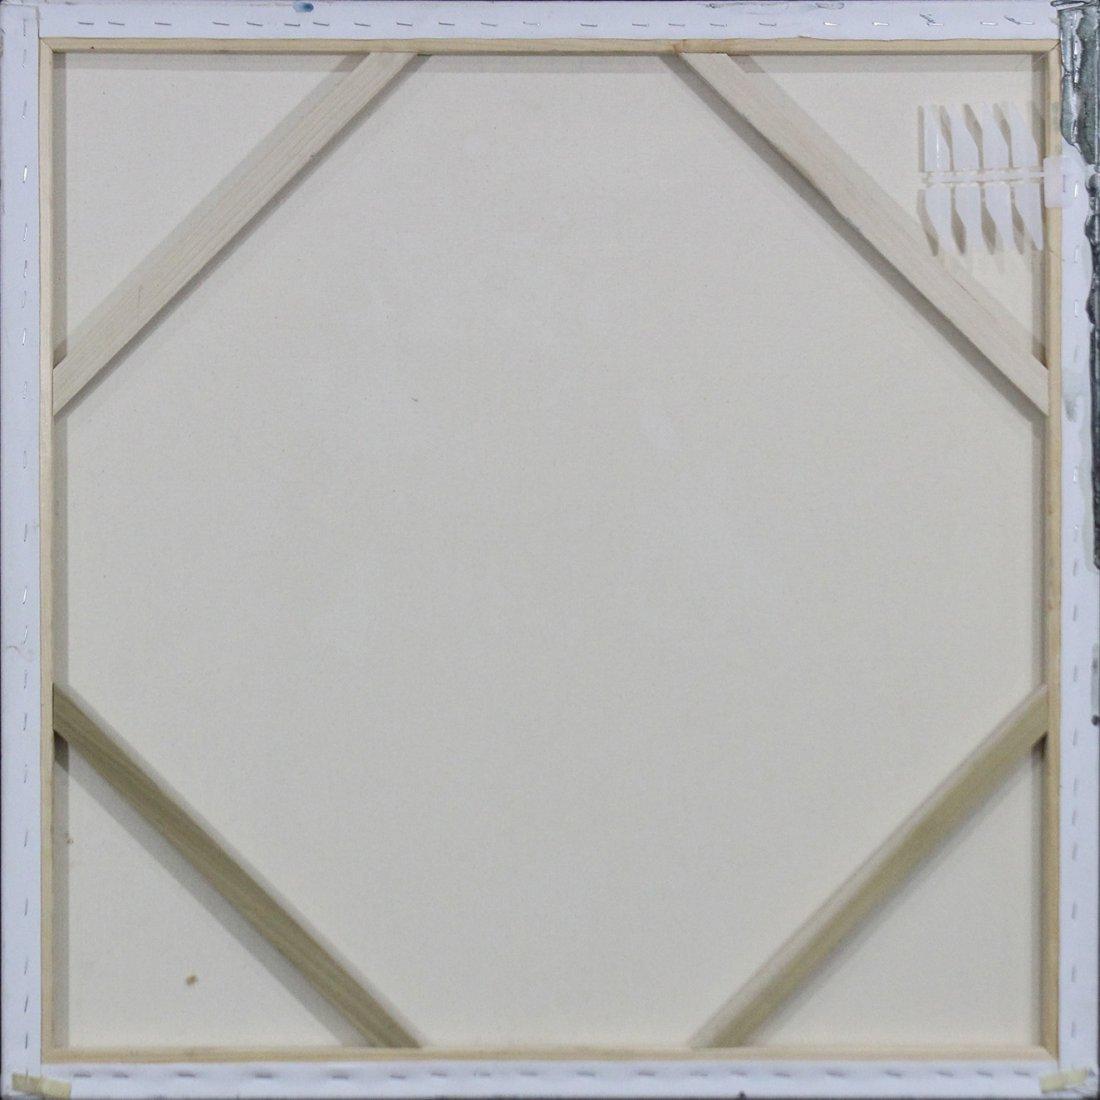 KRANICH Modern SPLATTER DRIP ART ABSTRACT ON CANVAS - 4